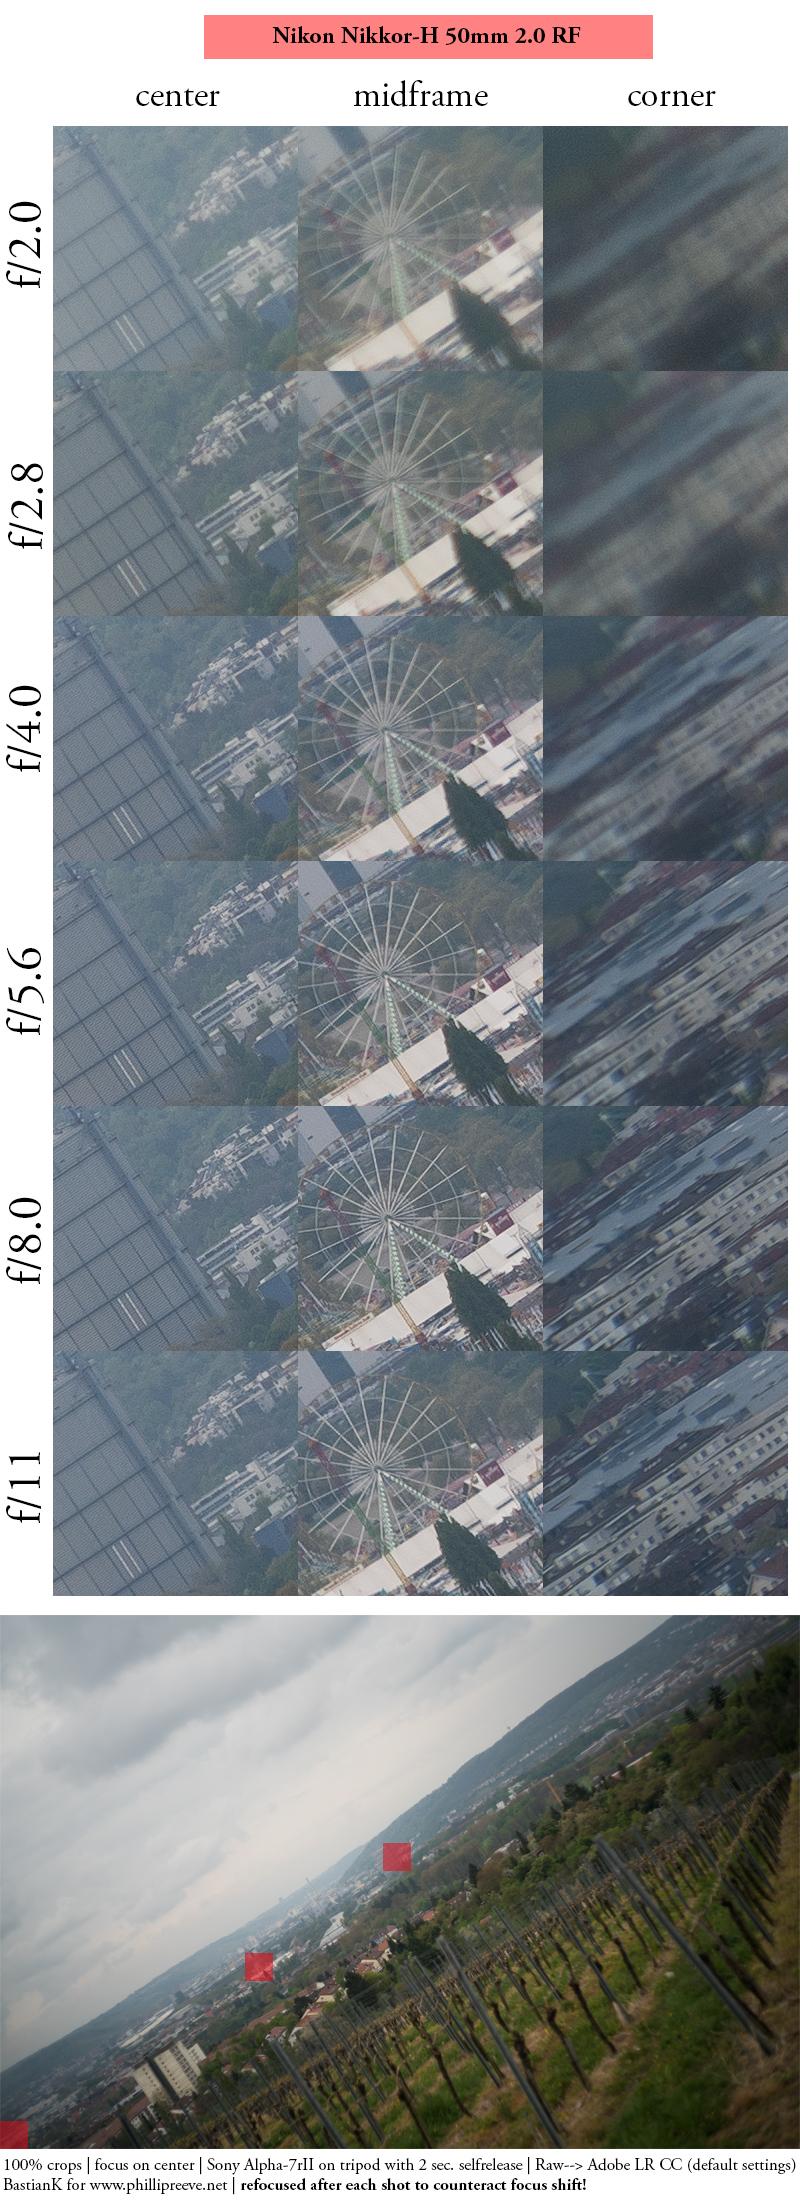 nikon h nikkor rangefinder nikkor-h 50mm 2.0 rf sony a7 a7rii sharpness resolution chart contrast